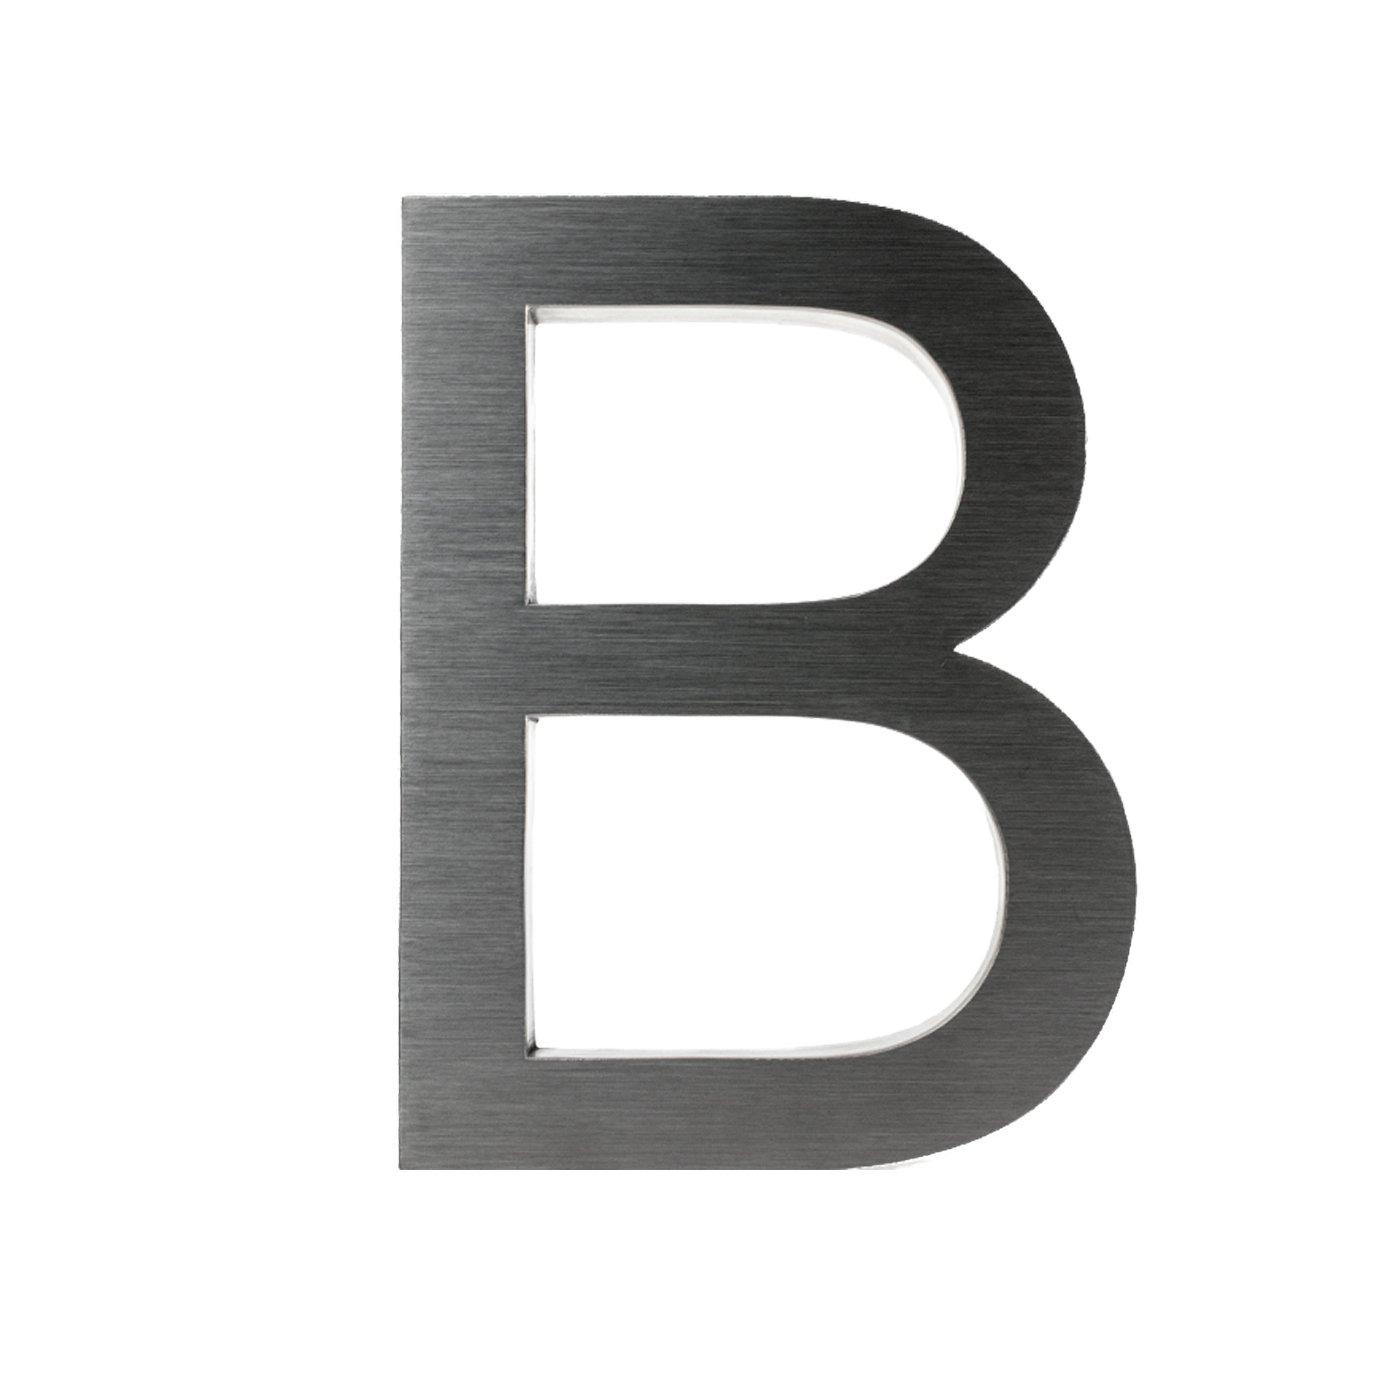 V2A aus geb/ürstetem Edelstahl H/öhe Montagematerial x 3cm 3D-Hausnummer D aus Edelstahl rostfreie /& witterungsbest/ändige Hausnummern im 3D-Effekt in 20cm inkl Tiefe